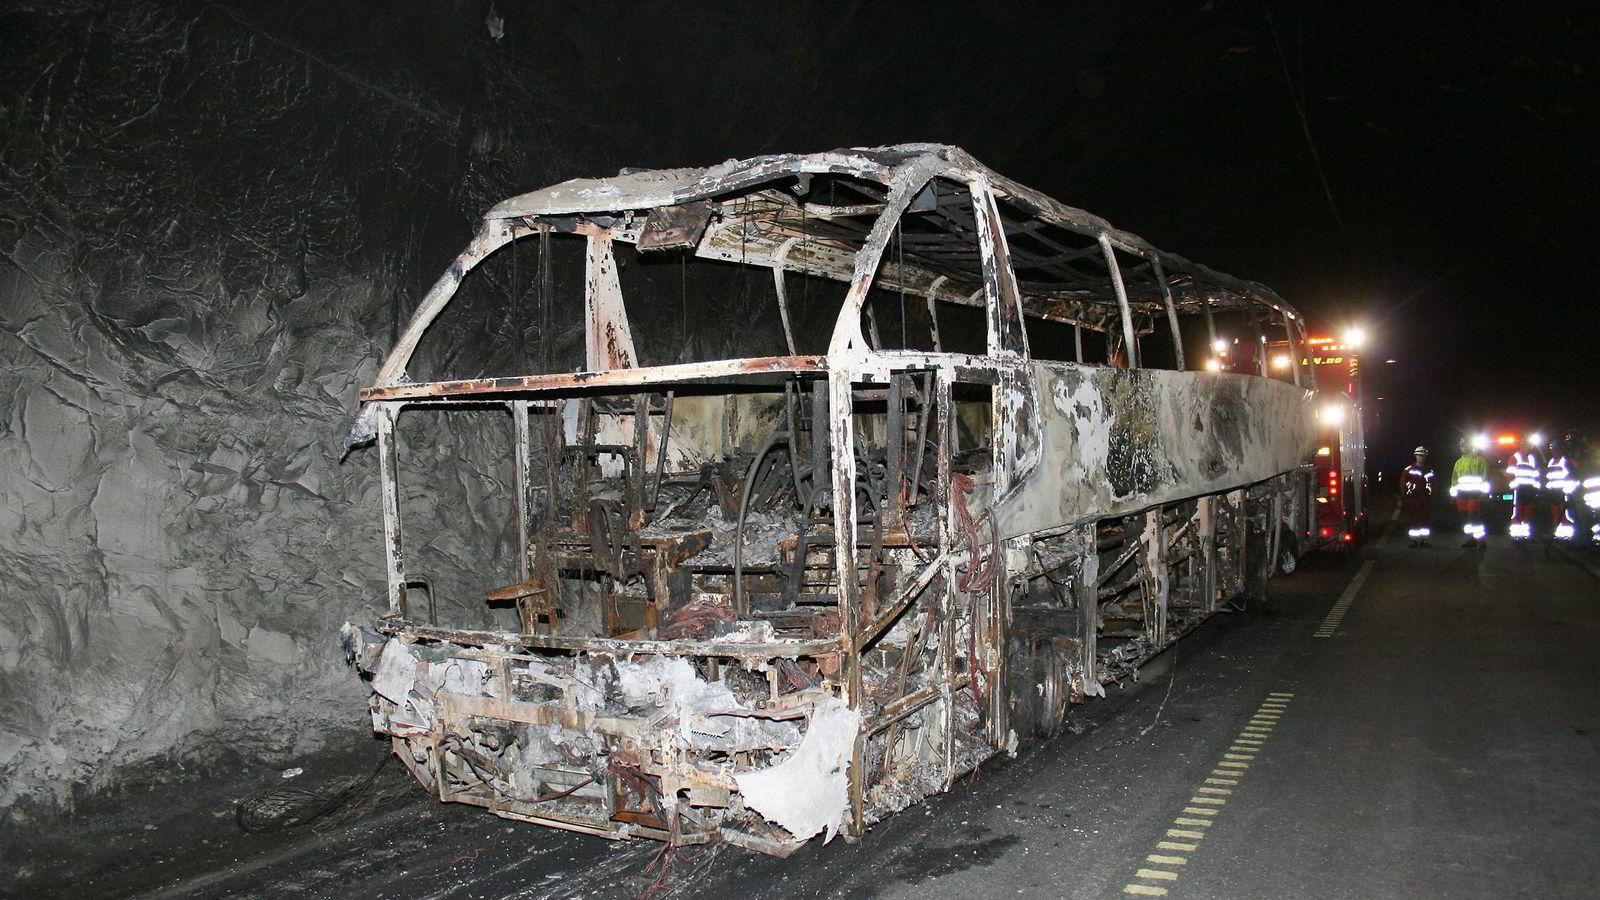 Bildet viser restene av den utbrente turistbussen i Gudvangatunnelen etter ulykken 11. august i år, der fire personer ble alvorlig skadet. Tunnelen var stengt til 31. august. Foto: Arne Veum,